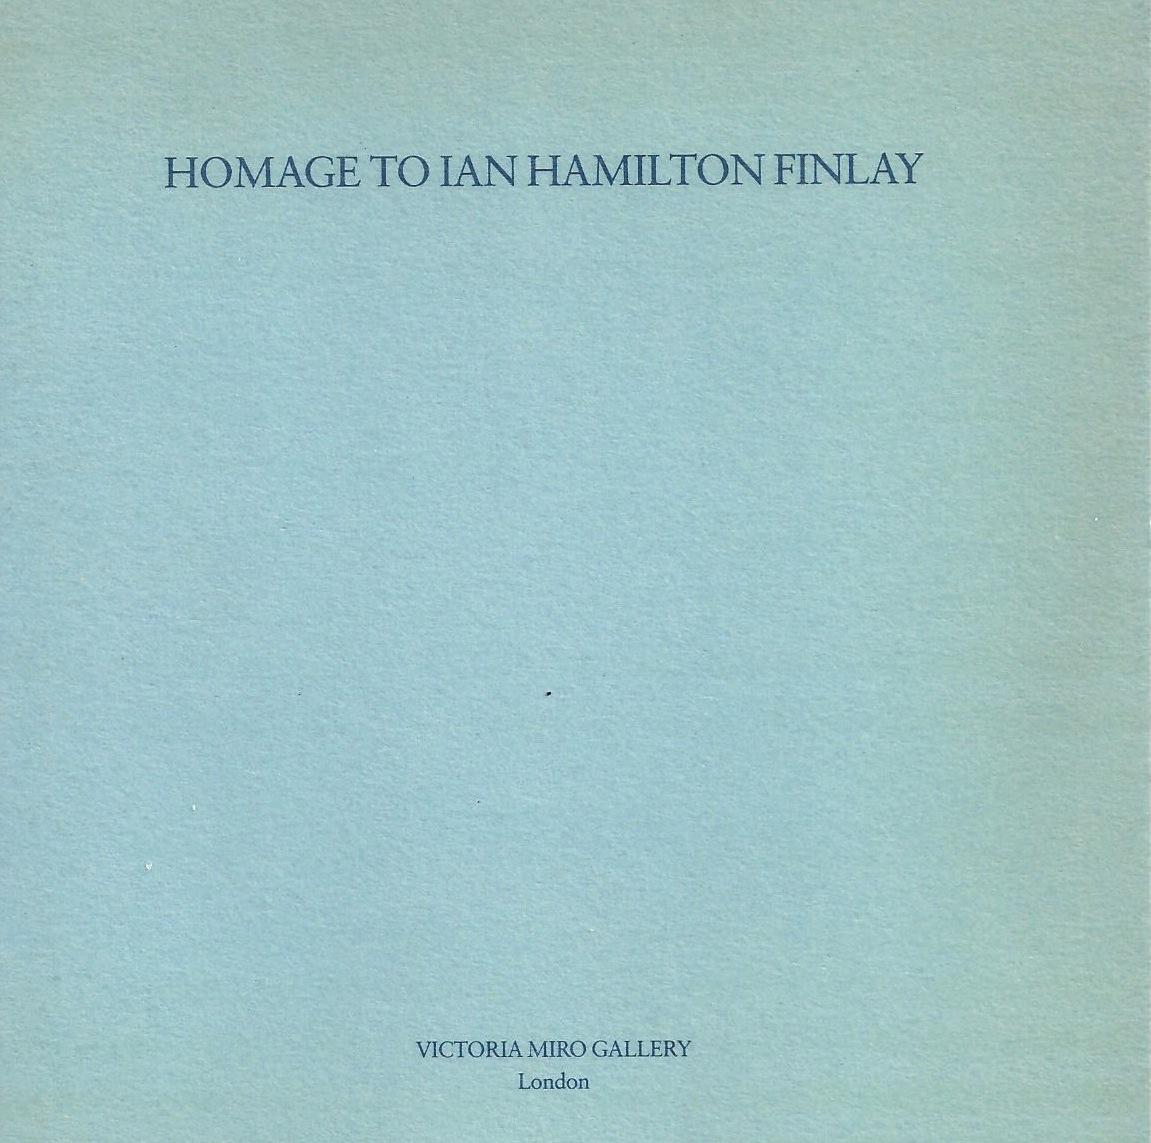 Homage to Ian Hamilton Finlay